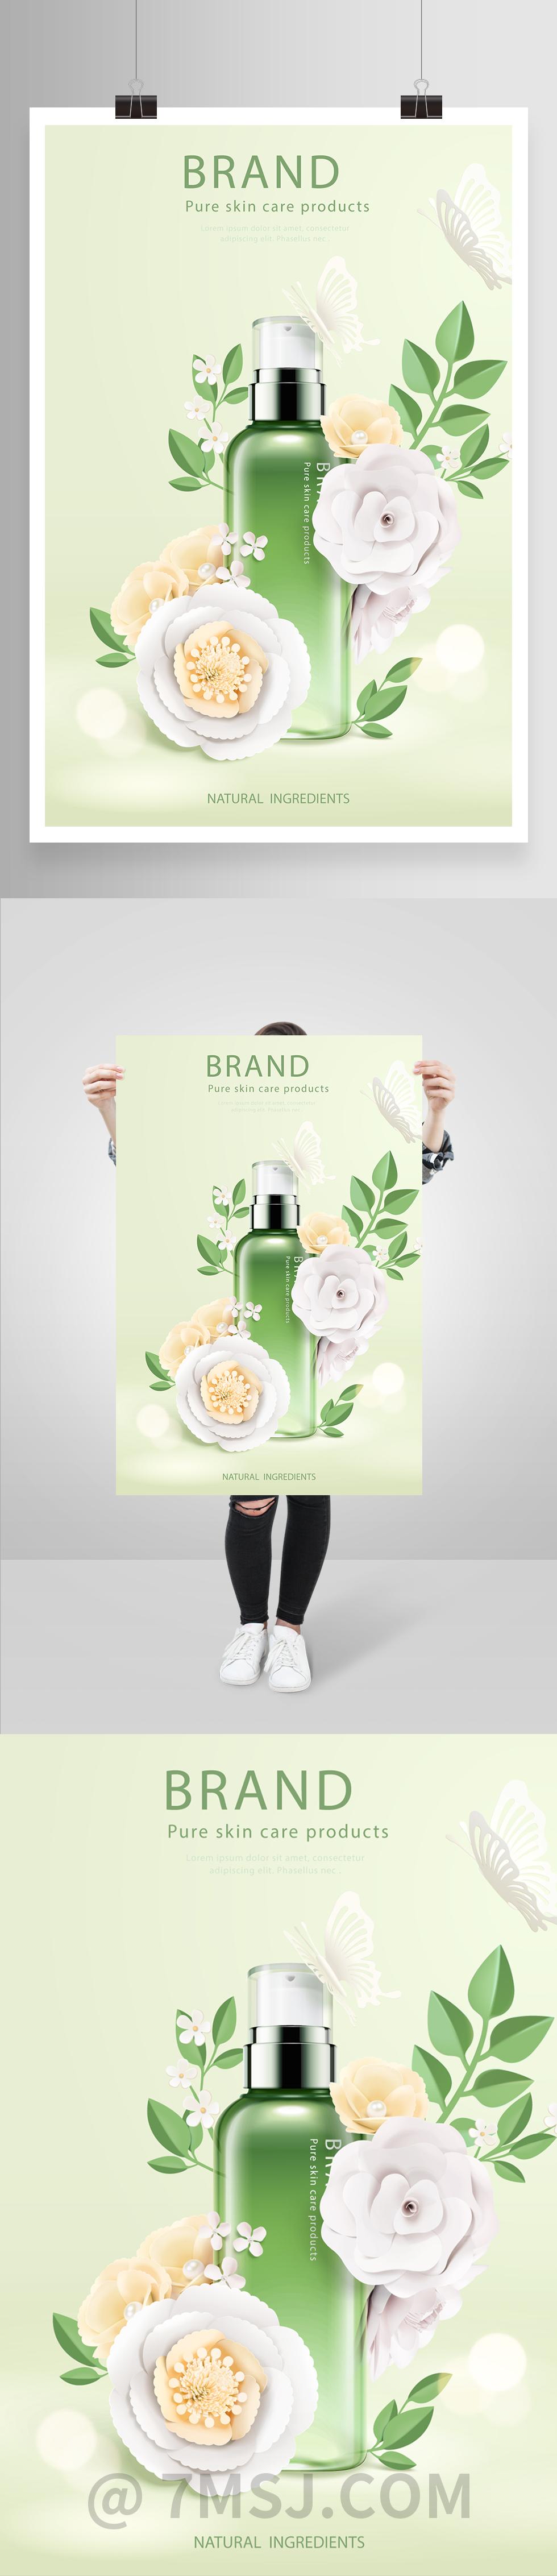 矢量绿色简约剪纸风植物保湿喷雾化妆品广告素材